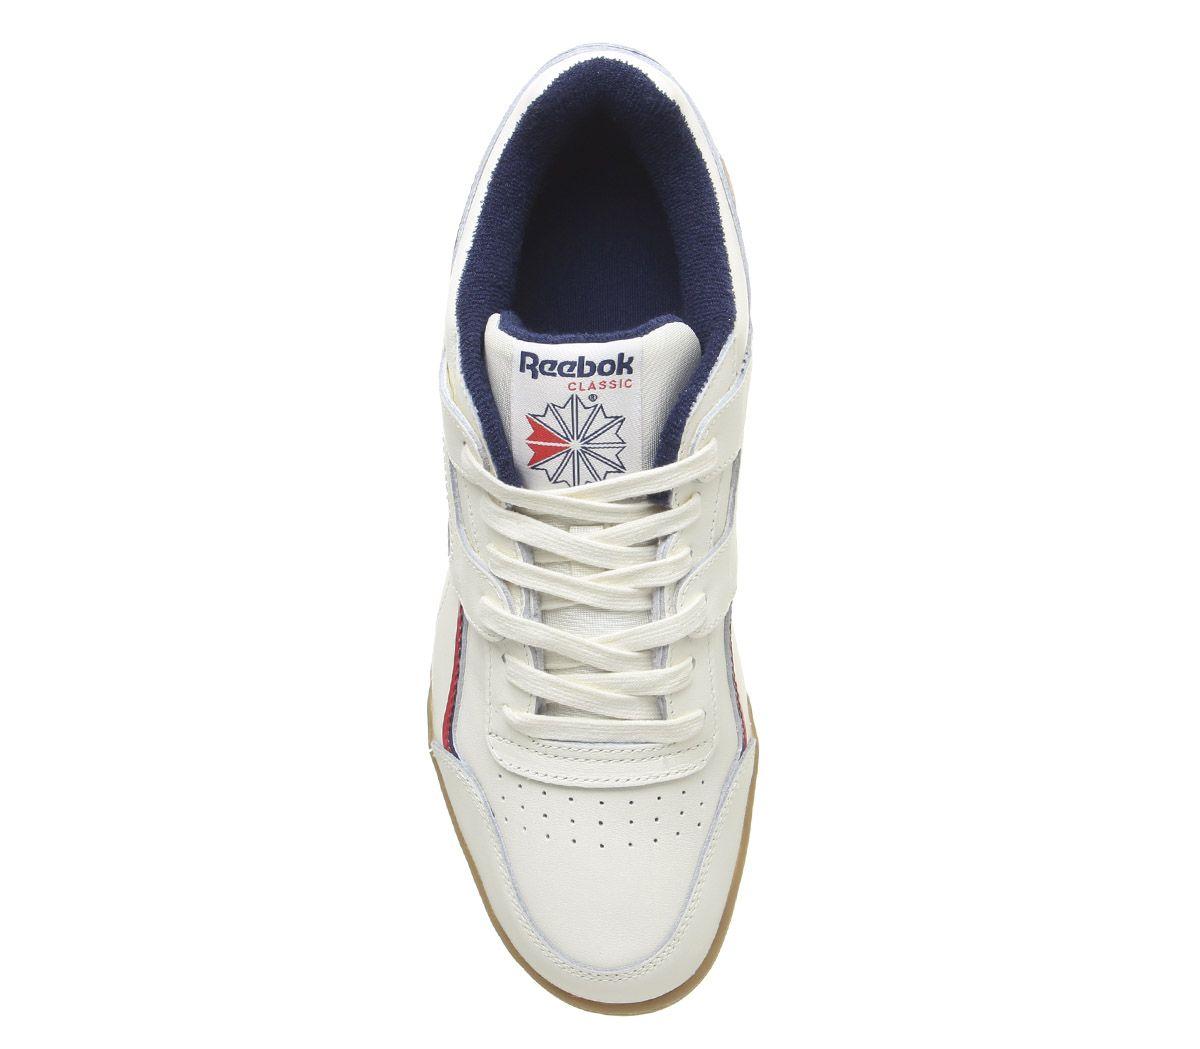 Detalles de Reebok Entrenamiento más Zapatillas Clásicas Blancas Fresco Azul Marino Rojo